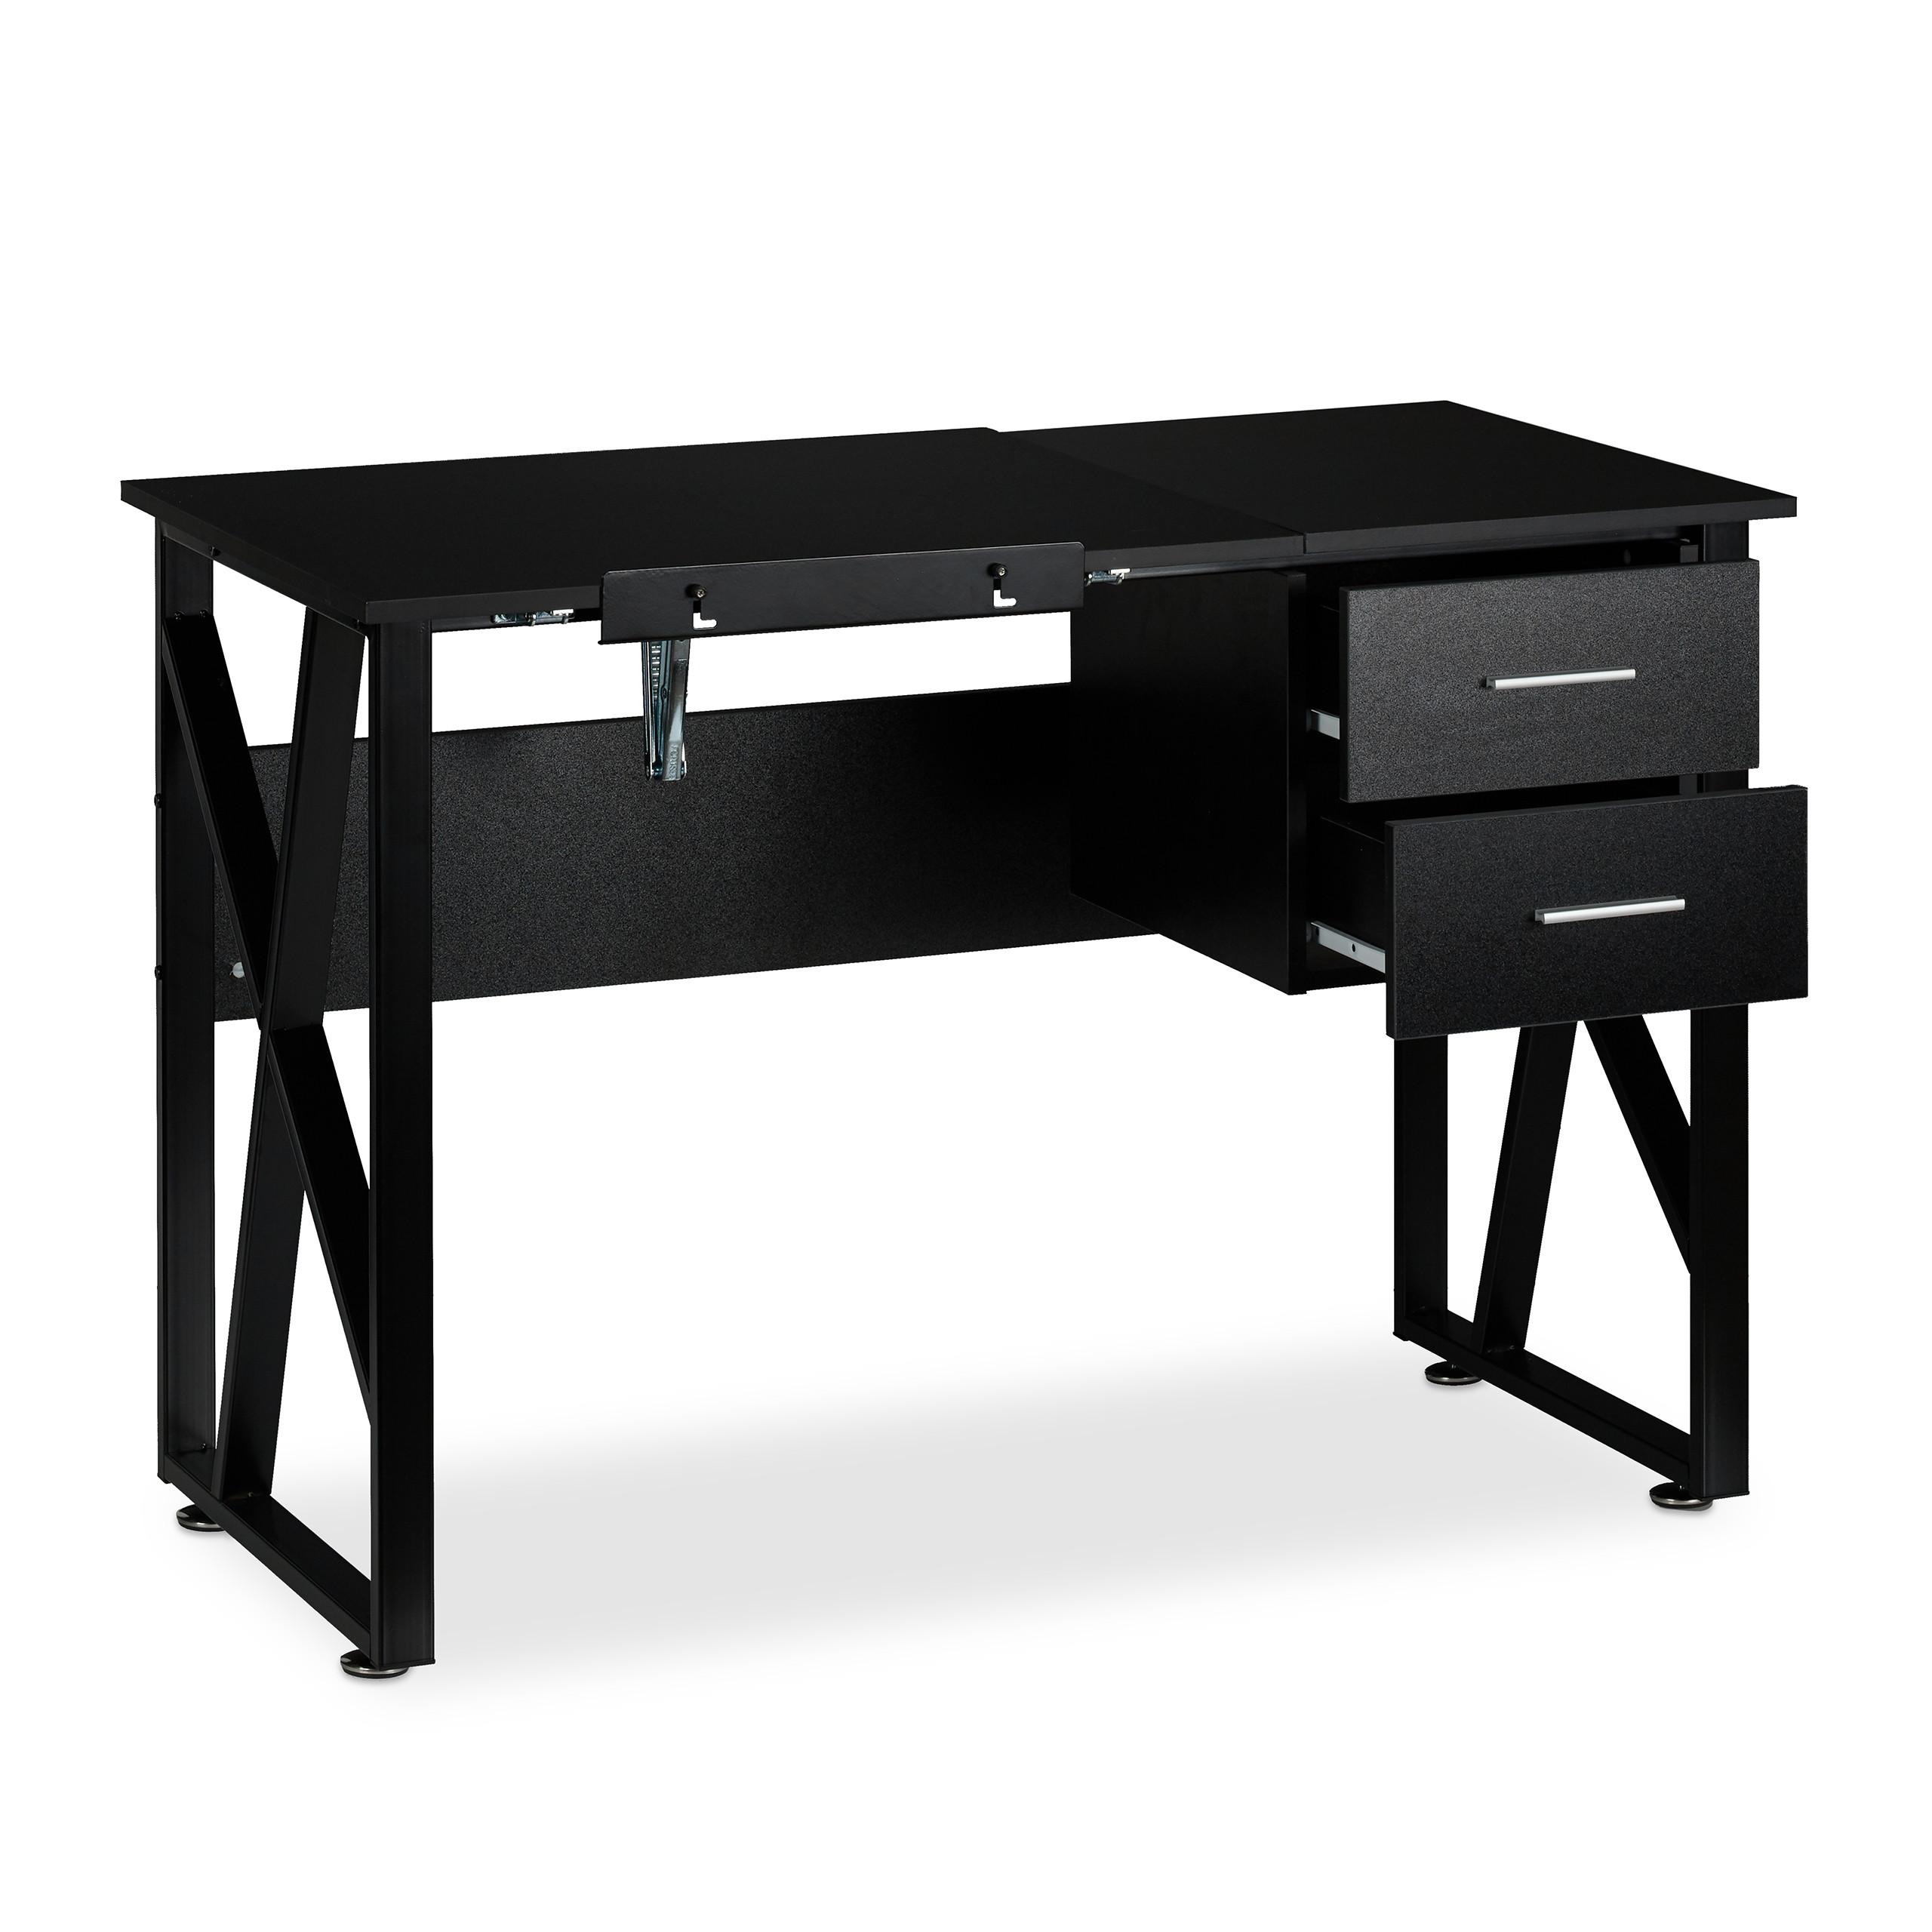 Schreibtisch neigbar Laptoptisch Zeichentisch verstellbar Maltisch Arbeitstisch